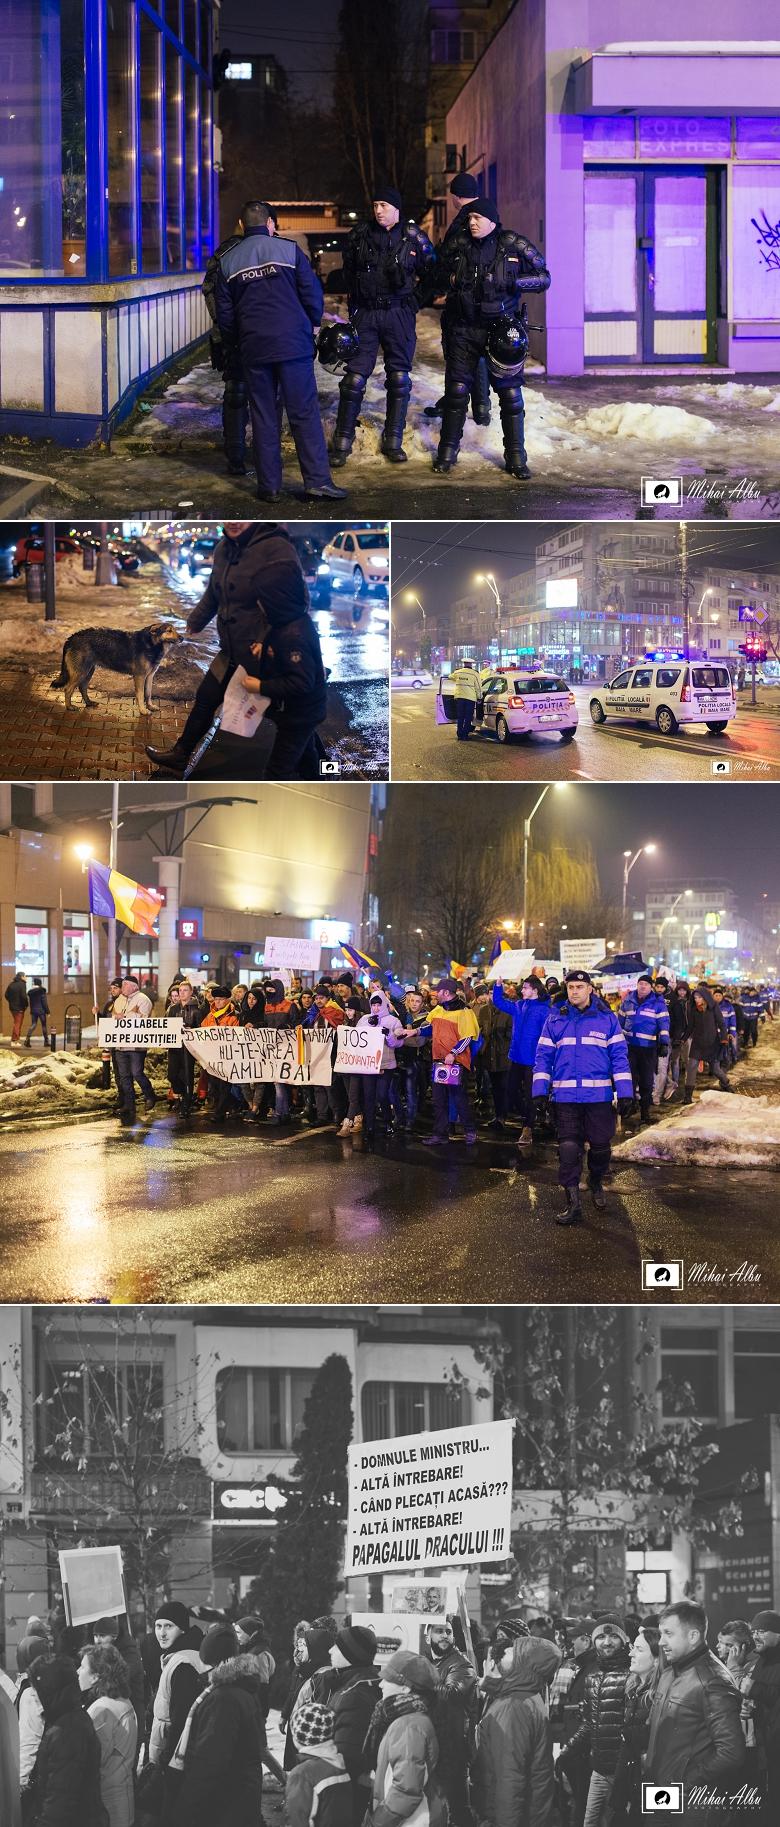 baia_mare_poze_proteste_baia_mare_revolutie_platoul_bucuresti_revolta 3